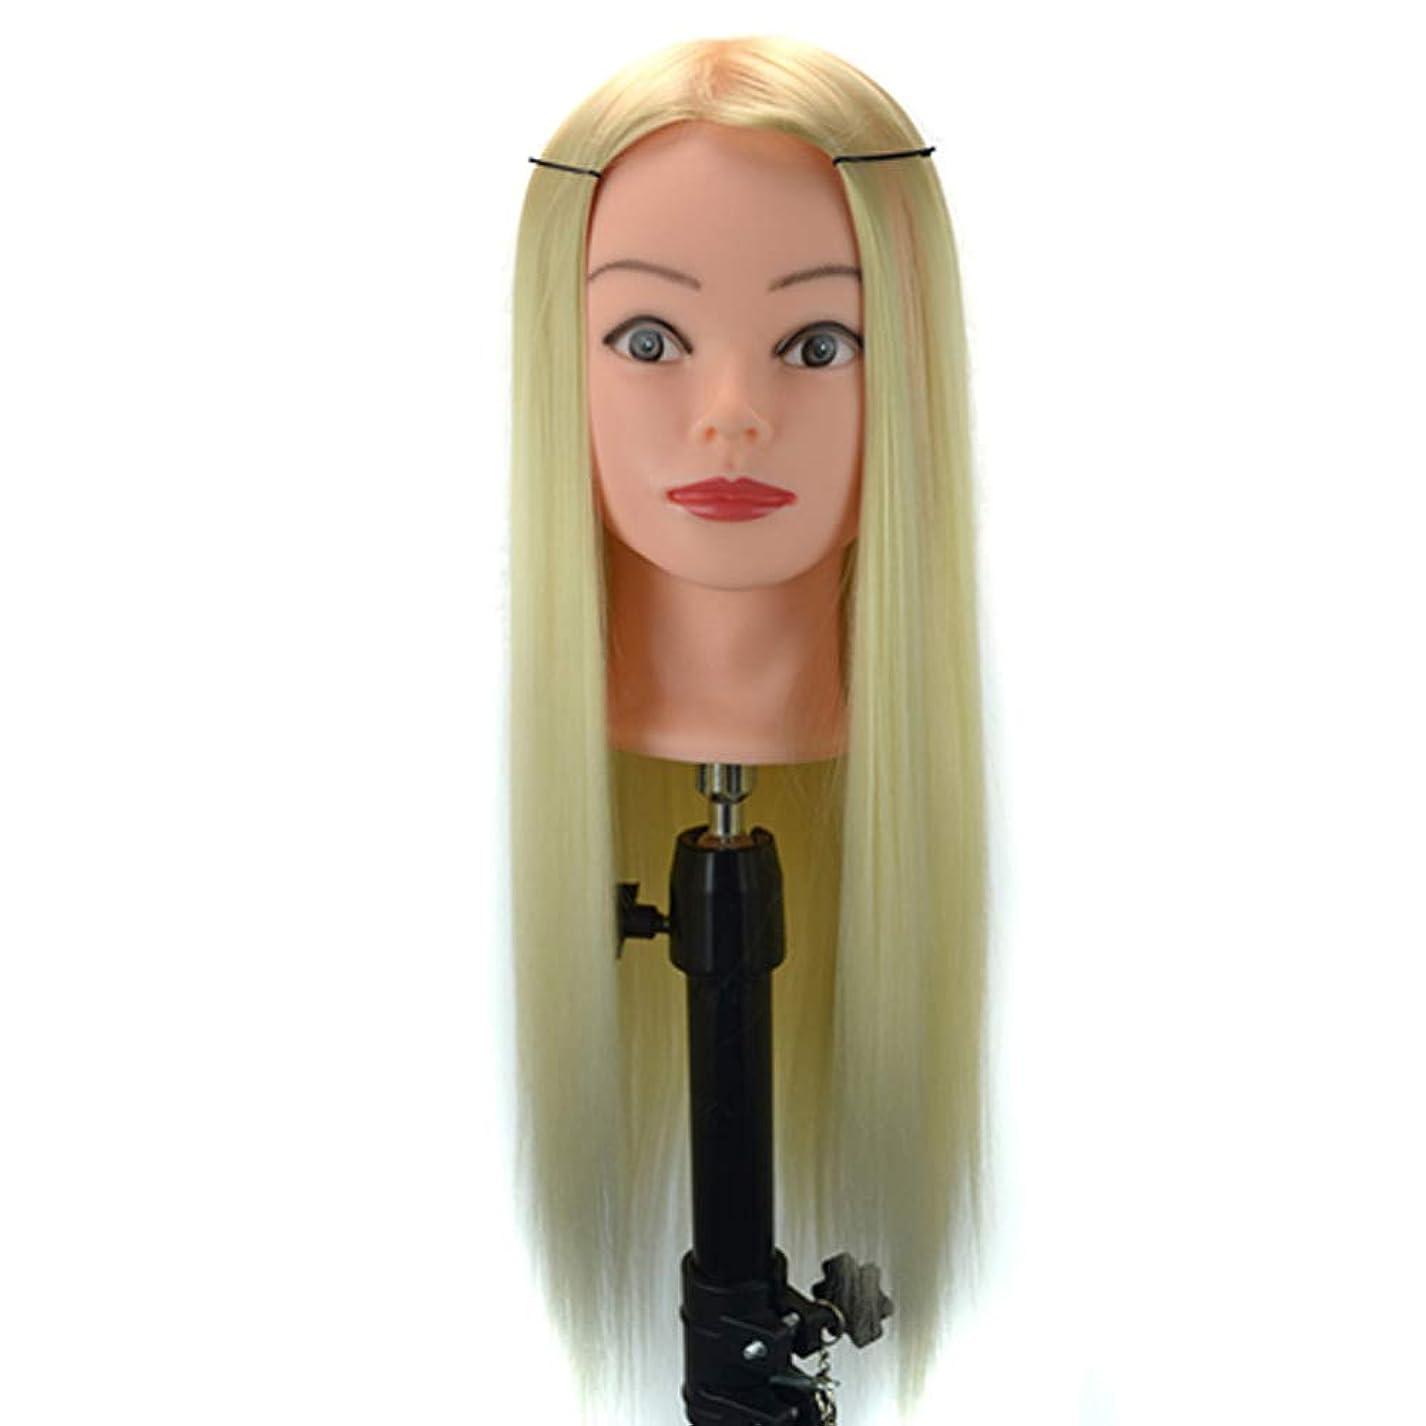 勤勉な楕円形素朴な高温ワイヤートレーニングヘッド理髪マネキン人形ヘッドメイクプレートヘアー練習帽子ジュエリーディスプレイヘッド金型,offwhite